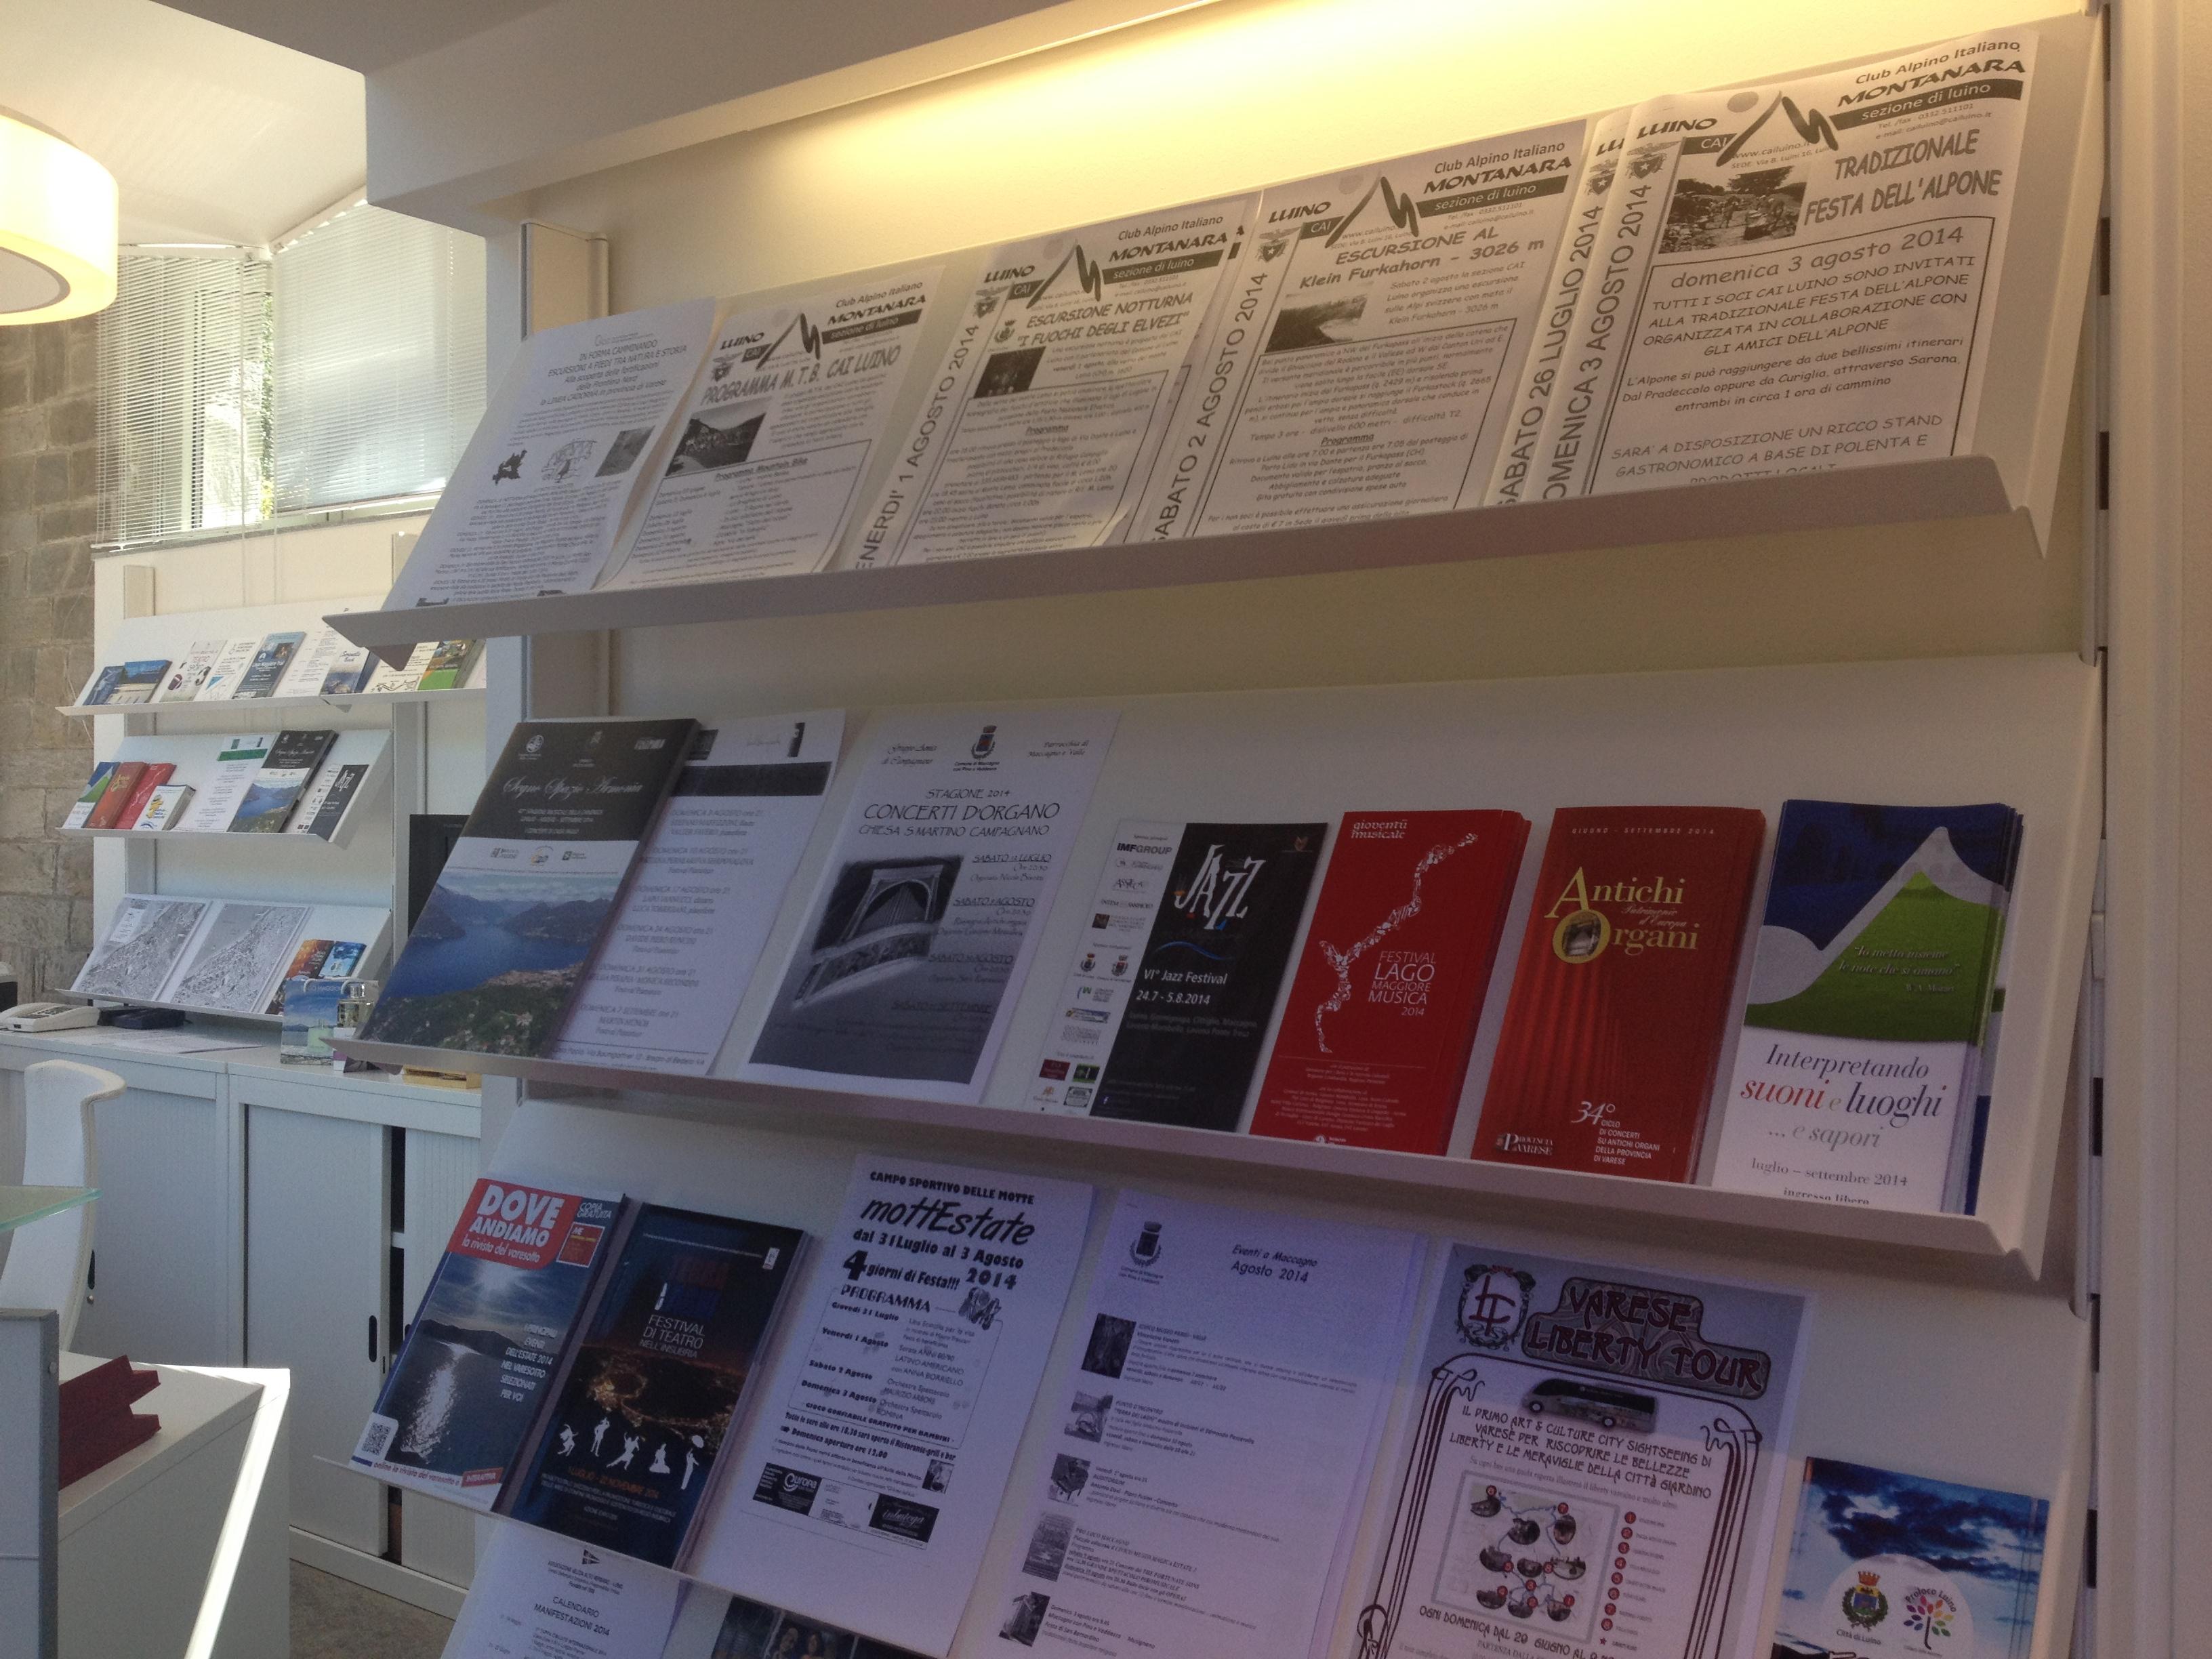 Ecco l'interno del nuovo ufficio turistico di Luino